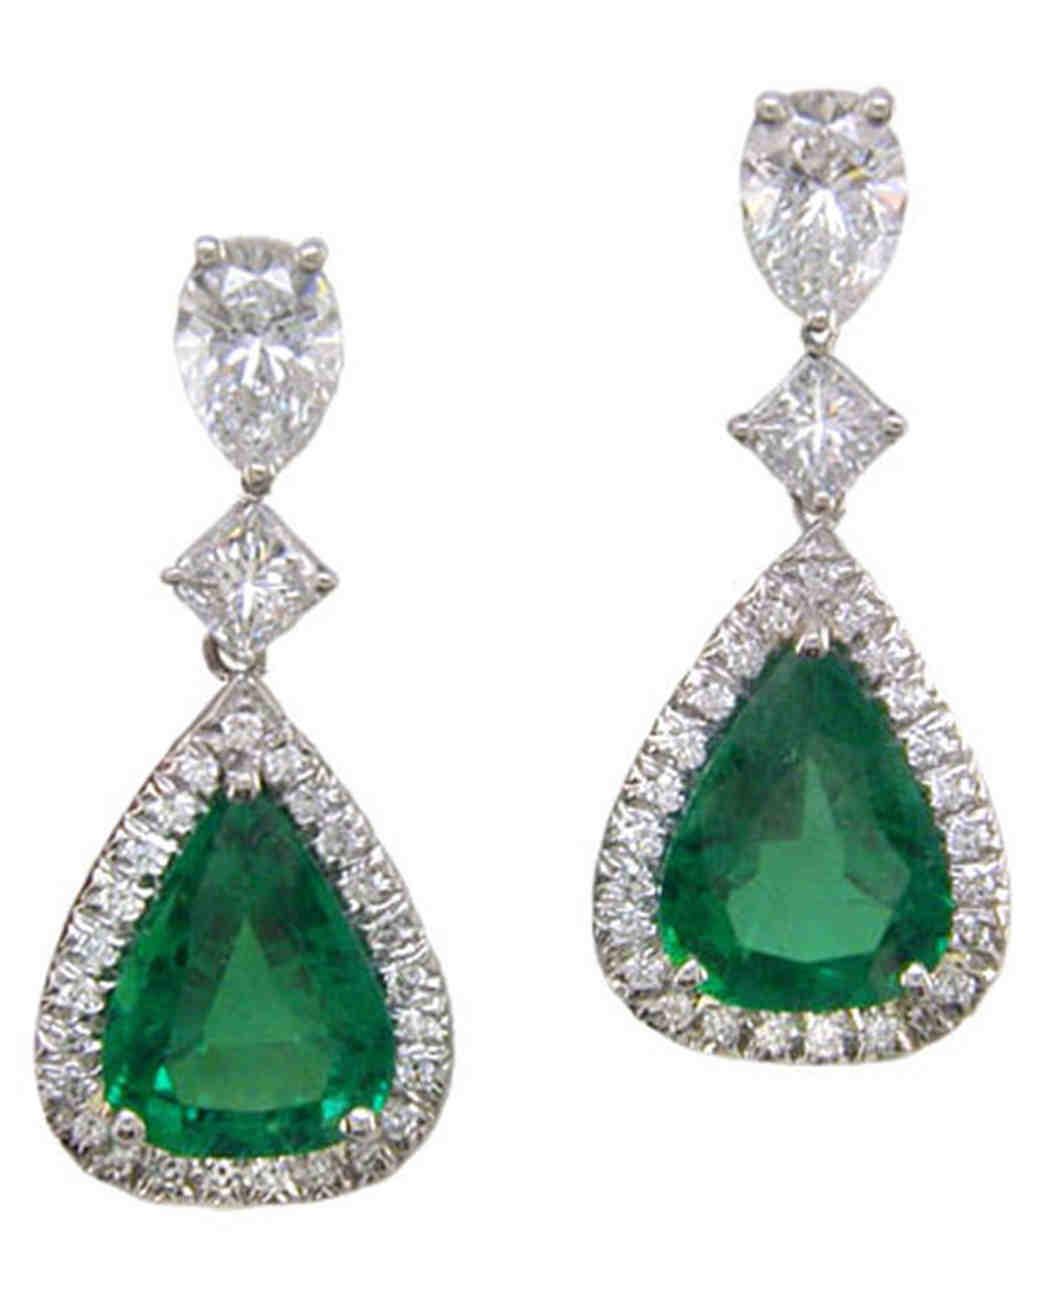 heyman_ohb_705765_plat_em_dia_earrings.jpg